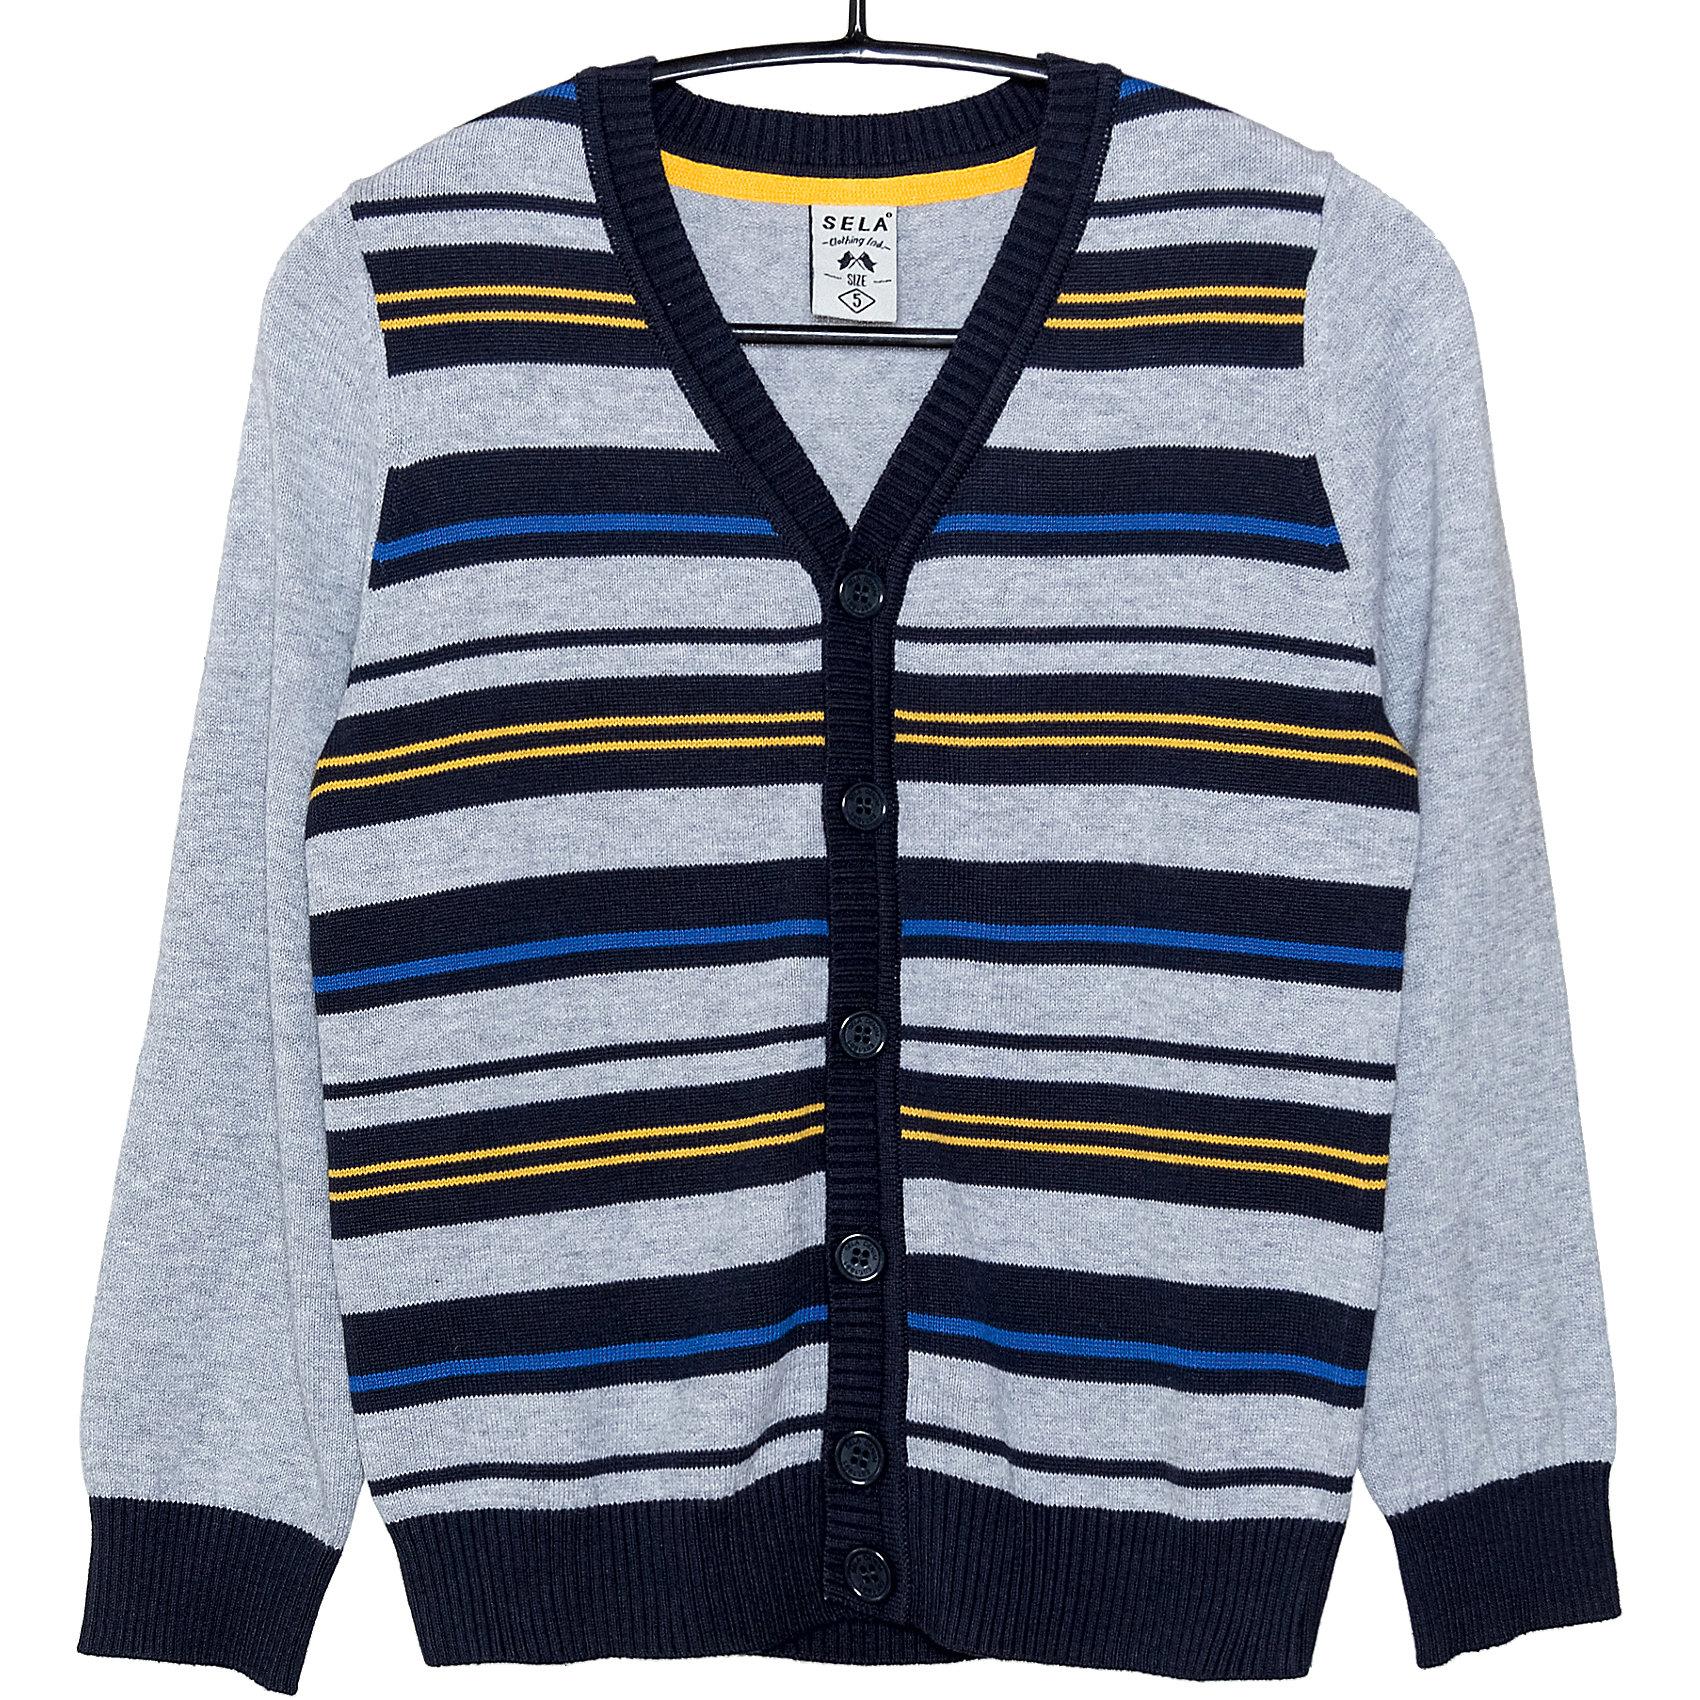 Кардиган для мальчика SELAСвитера и кардиганы<br>Детская одежда от SELA - это качественные модные вещи по привлекательным ценам. Данная модель относится к коллекции нового сезона, она учитывает последние тренды в моде, поэтому смотрится стильно, с ней можно создать множество ансамблей.<br>Этот жакет украшен вязаным рисунком. Рукава - длинные, силуэт классический, прямой. Резинки на рукавах и внизу изделия обеспечат ребенку тепло и удобство. Застегивается на пуговицы. Изделие сшито из тщательно подобранных материалов, абсолютно безопасных для ребенка.<br><br><br>Дополнительная информация:<br><br>цвет: серый;<br>состав: 100% хлопок;<br>резинки на рукавах и внизу изделия;<br>украшен вязаным рисунком;<br>пуговицы;<br>рукава длинные.<br><br>Жакет для мальчика от компании SELA можно купить в нашем магазине.<br><br>Ширина мм: 190<br>Глубина мм: 74<br>Высота мм: 229<br>Вес г: 236<br>Цвет: серый<br>Возраст от месяцев: 48<br>Возраст до месяцев: 60<br>Пол: Мужской<br>Возраст: Детский<br>Размер: 110,116,98,92,104<br>SKU: 4912953